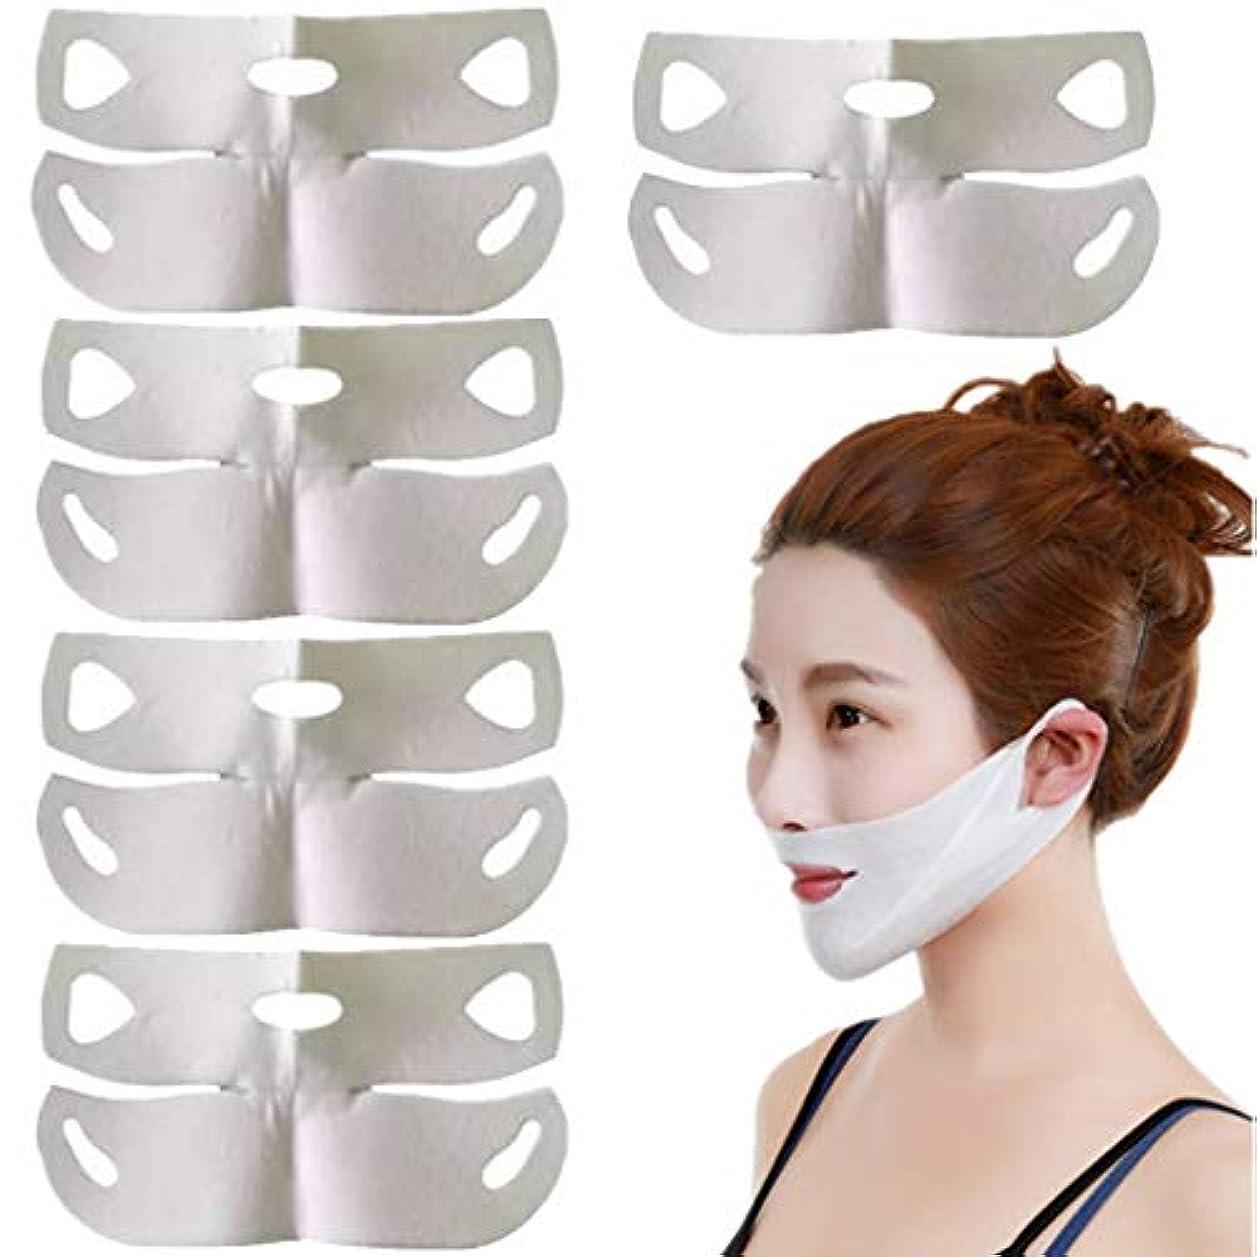 近所の名詞ボートTumao 小顔 リフトアップ フェイスマスク リフトアップマスク 5枚 小顔 矯正 小顔 ベルト 顔痩せ フェイスパック フェイスベルト 耳かけ 小顔効果 顎ライン 取り戻す レディース メンズ